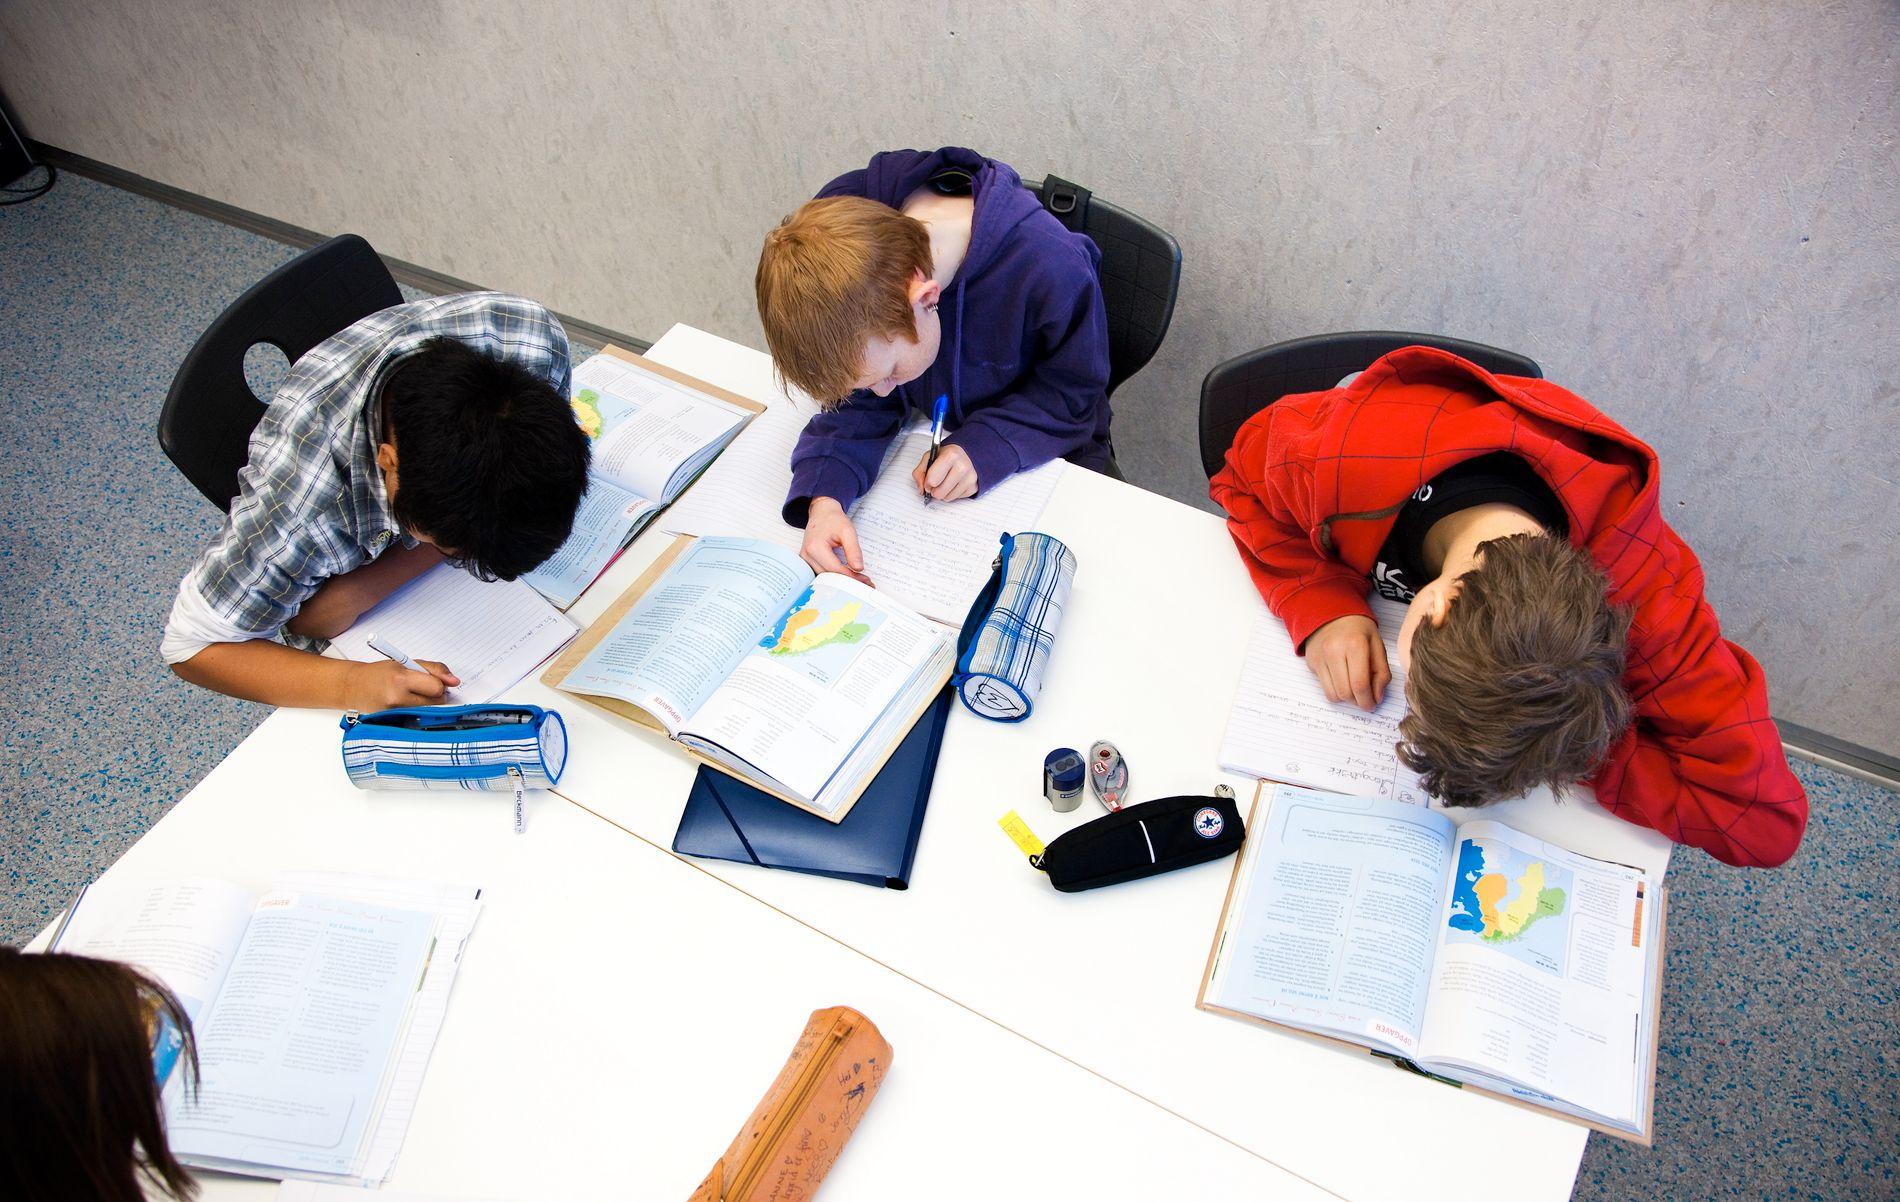 LIKEBEHANDLING: Skoleelever som kan dokumentere like høy kompetanse i norsk og samfunnskunnskap som deltakere i introduksjonsprogrammet, bør behandles likt som dem, skriver innsenderne.